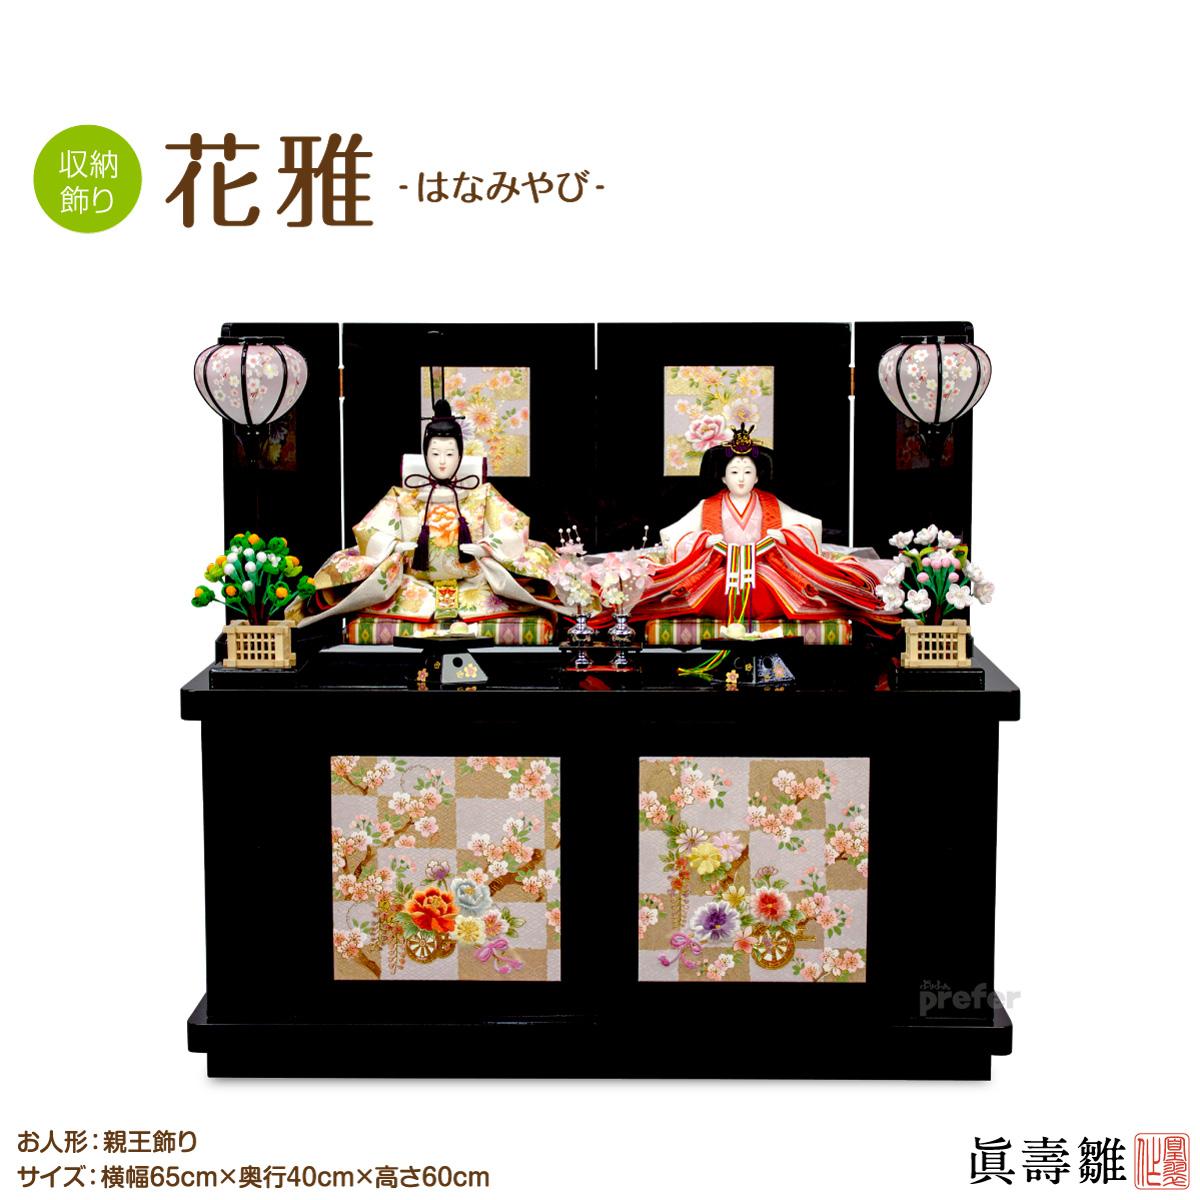 雛人形 収納飾り ひな人形 収納スペース付眞壽雛花雅(はなみやび) コンパクト 収納雛 特選